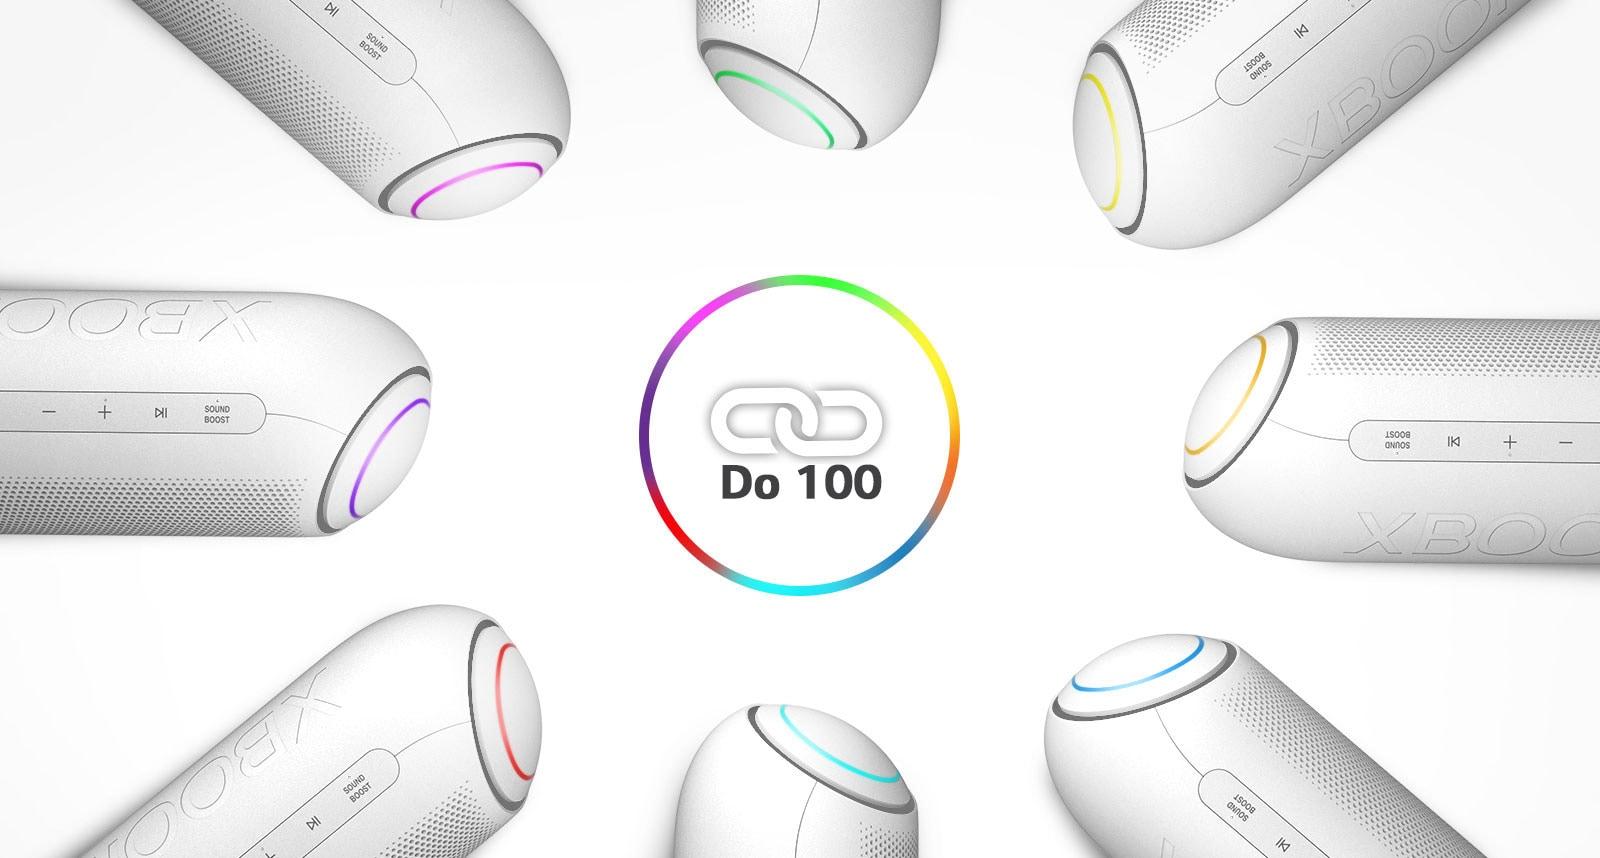 Na bijeloj se pozadini osam zvučnika LG XBOOM Go s raznim svjetlima nalazi u krugu oko ikone s vezom.